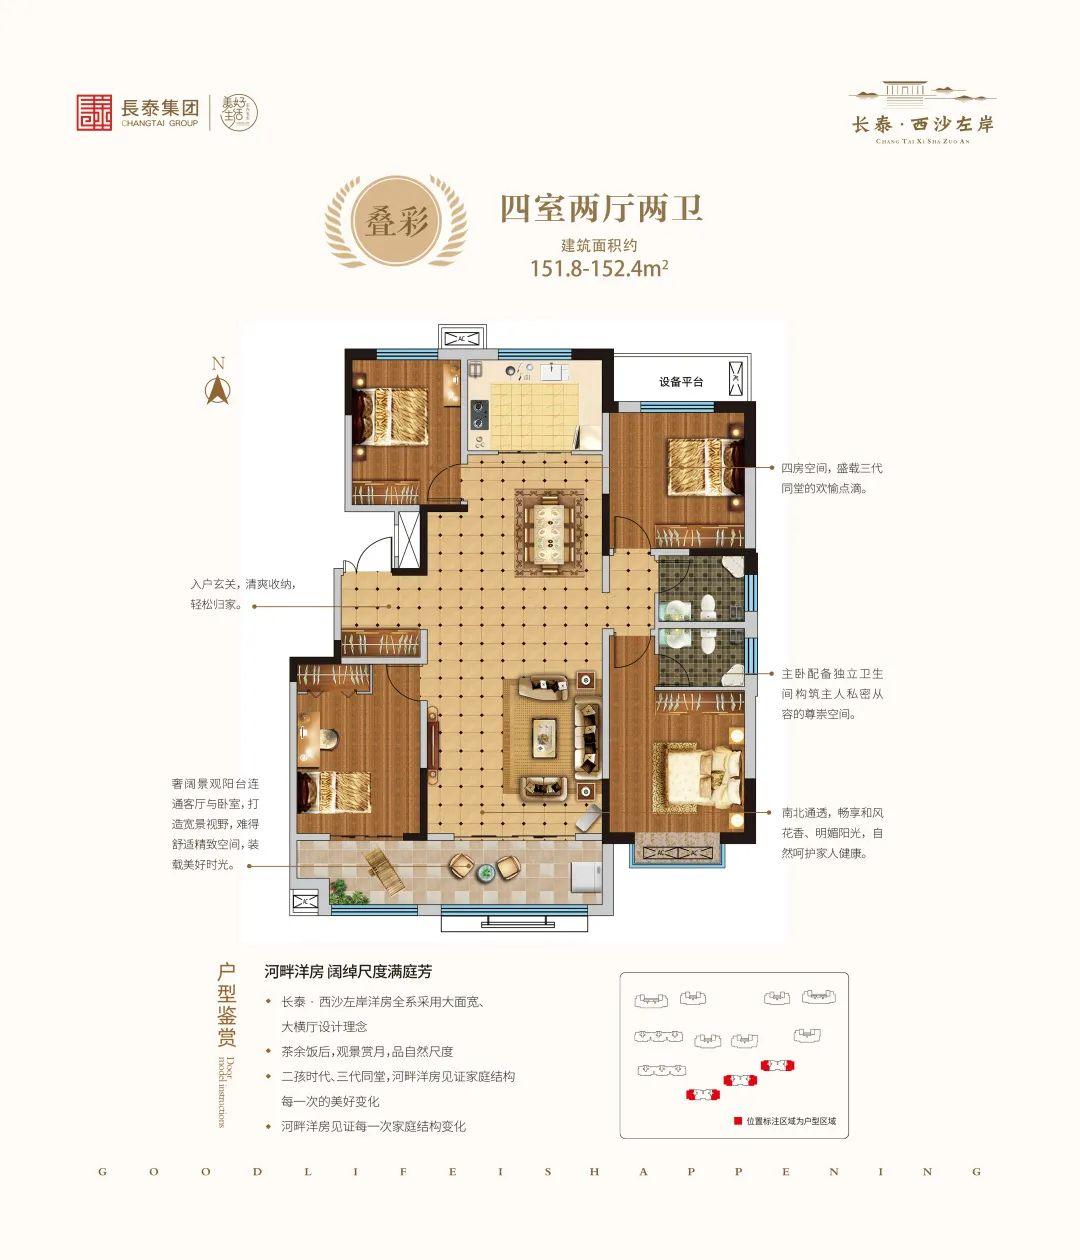 长泰•西沙左岸 | 敬师恩 贺中秋——9月双节活动惊喜来袭!(图34)